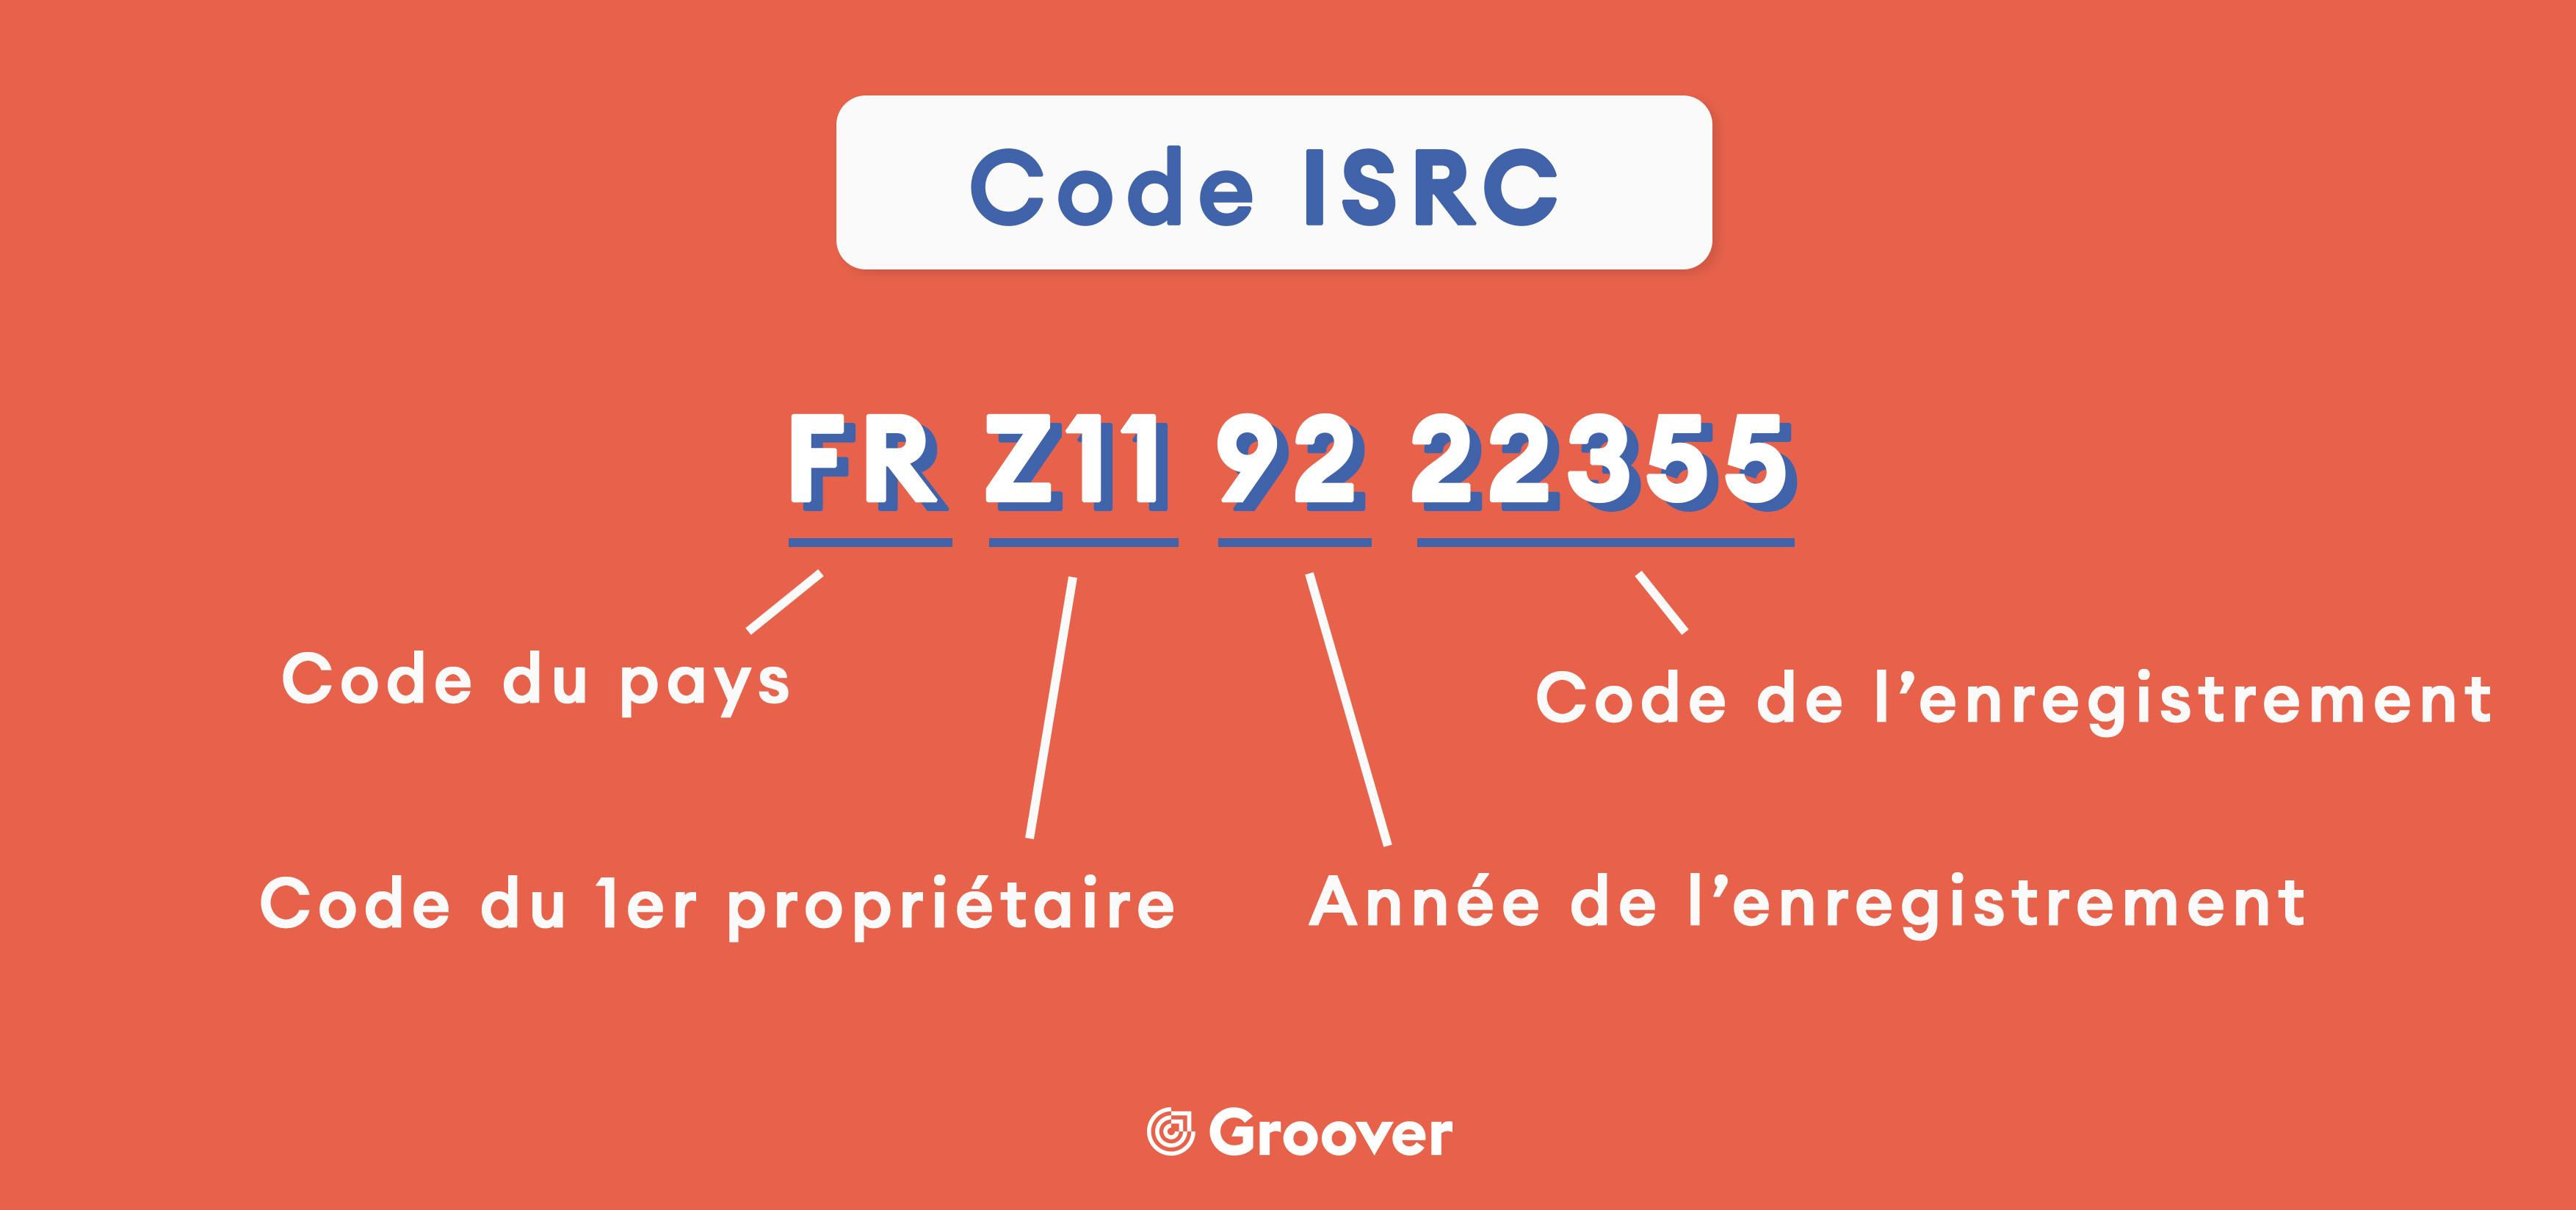 code ISRC c'est quoi ?